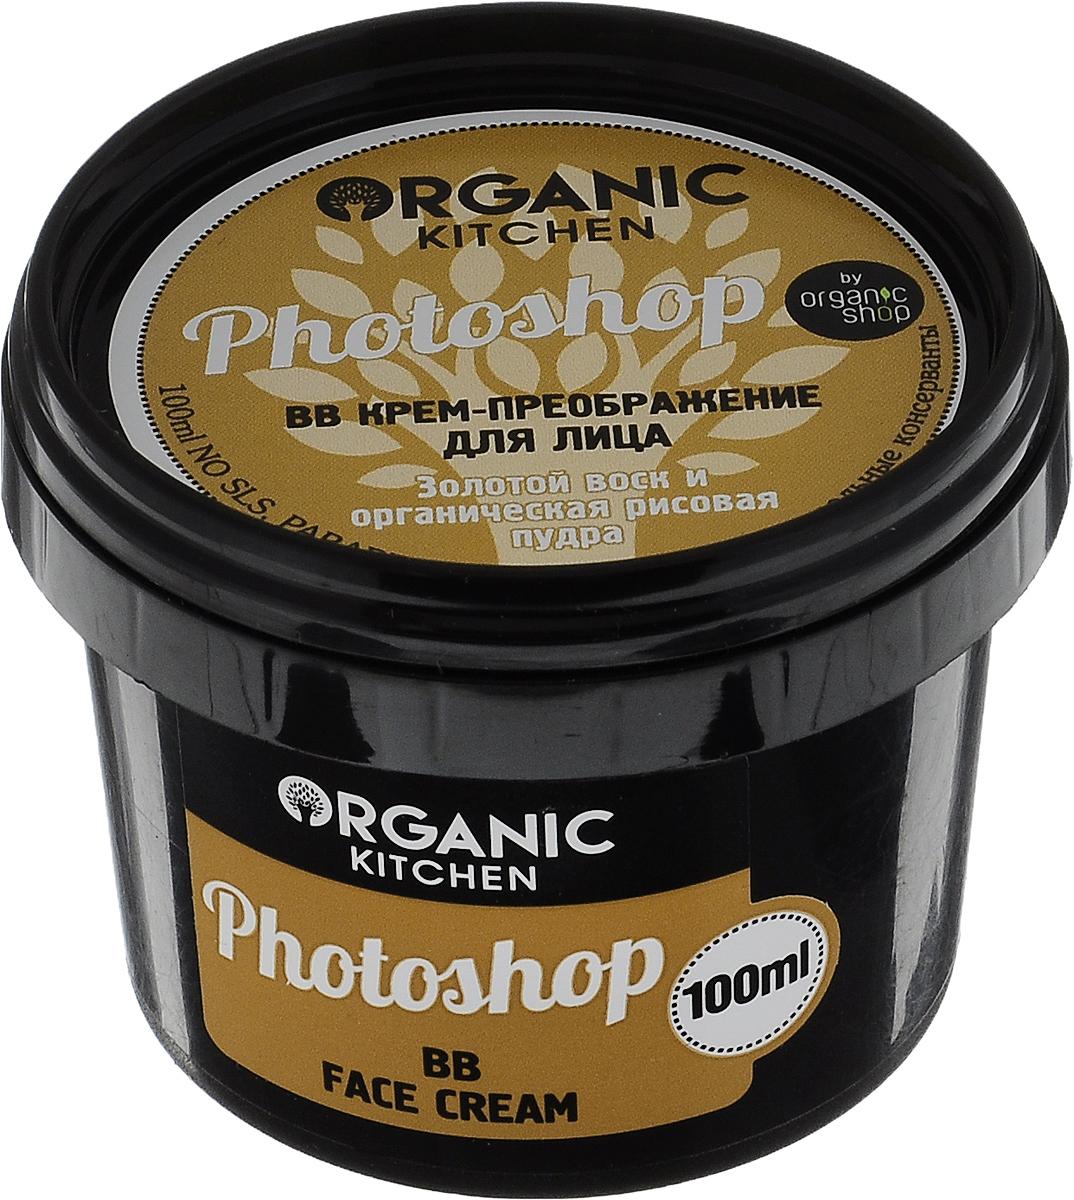 Органик Шоп Китчен Крем ВВ преображение для лица Фотошоп 100мл лимони шоп